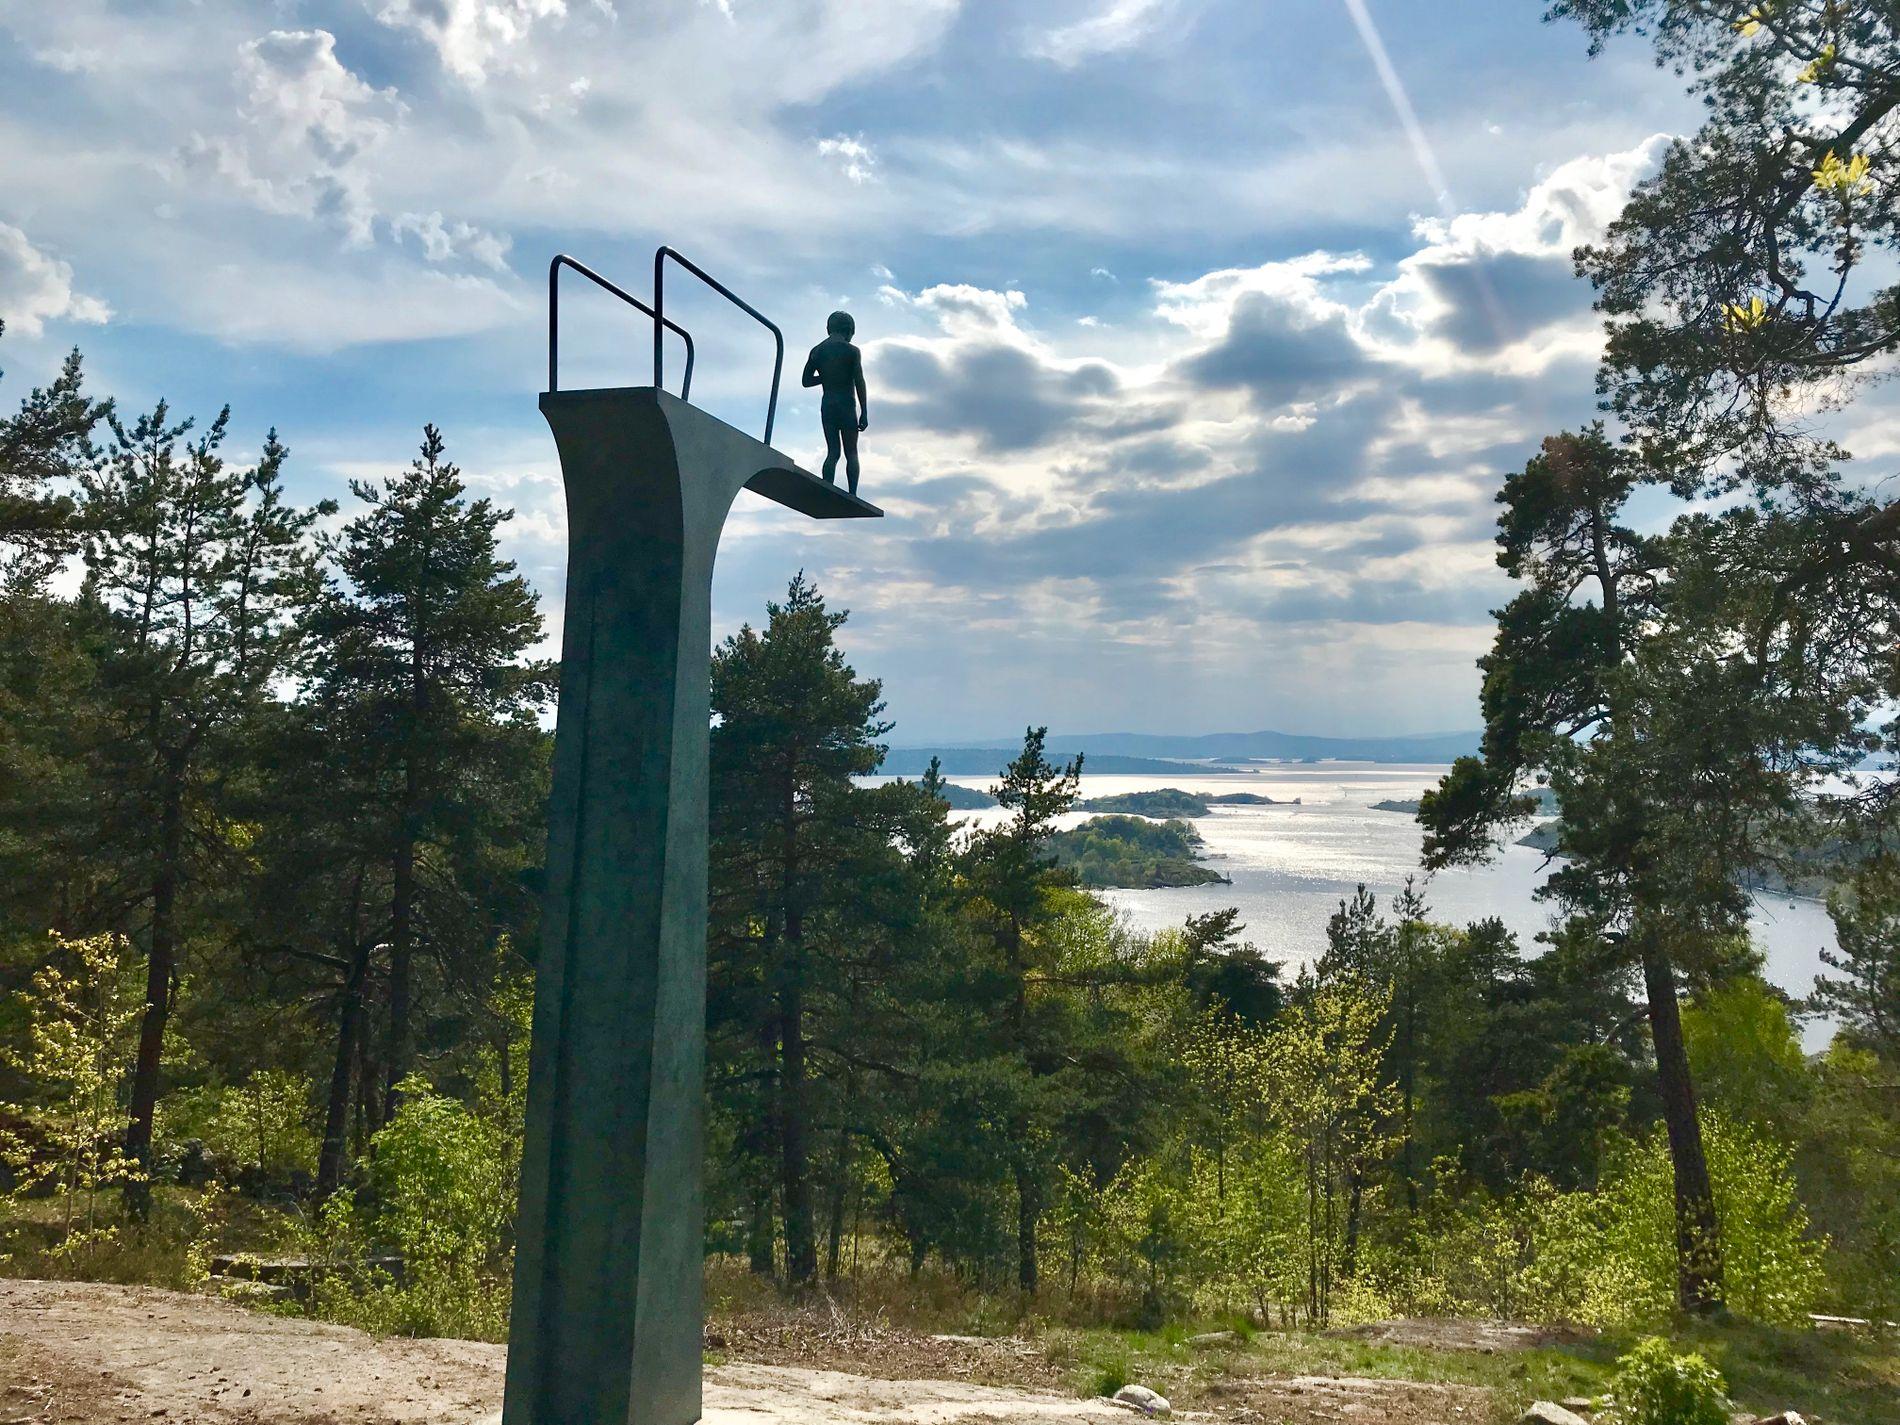 USTABILT I OSLO: De som i helgen tar seg en tur i Ekebergparken skulpturpark, hvor bildet er tatt, må nok regne med at det kan komme en skur.